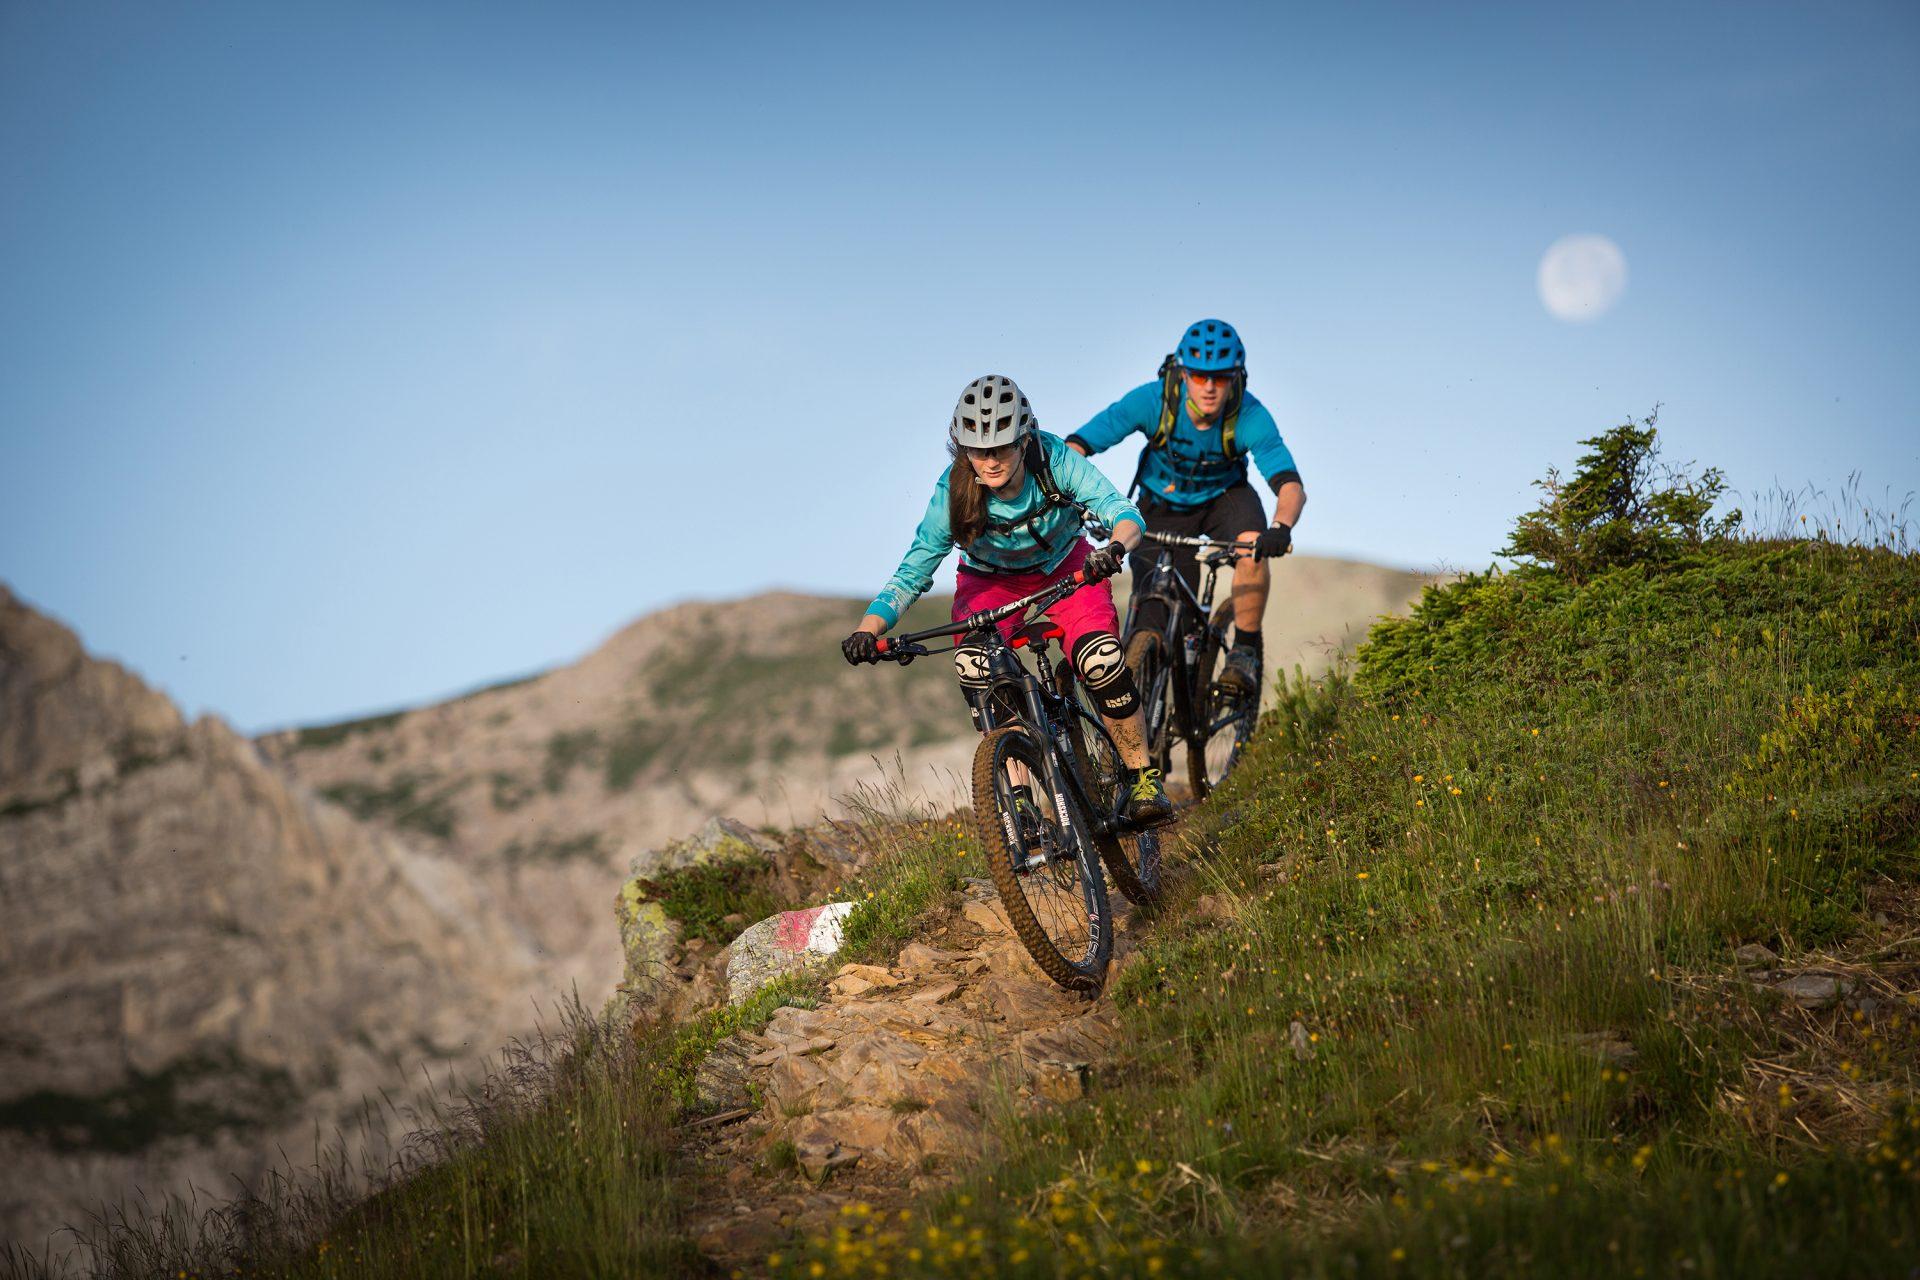 Zwei Mountainbiker auf einem Naturtrail am Nassfeld, im Hintergrund der Mond